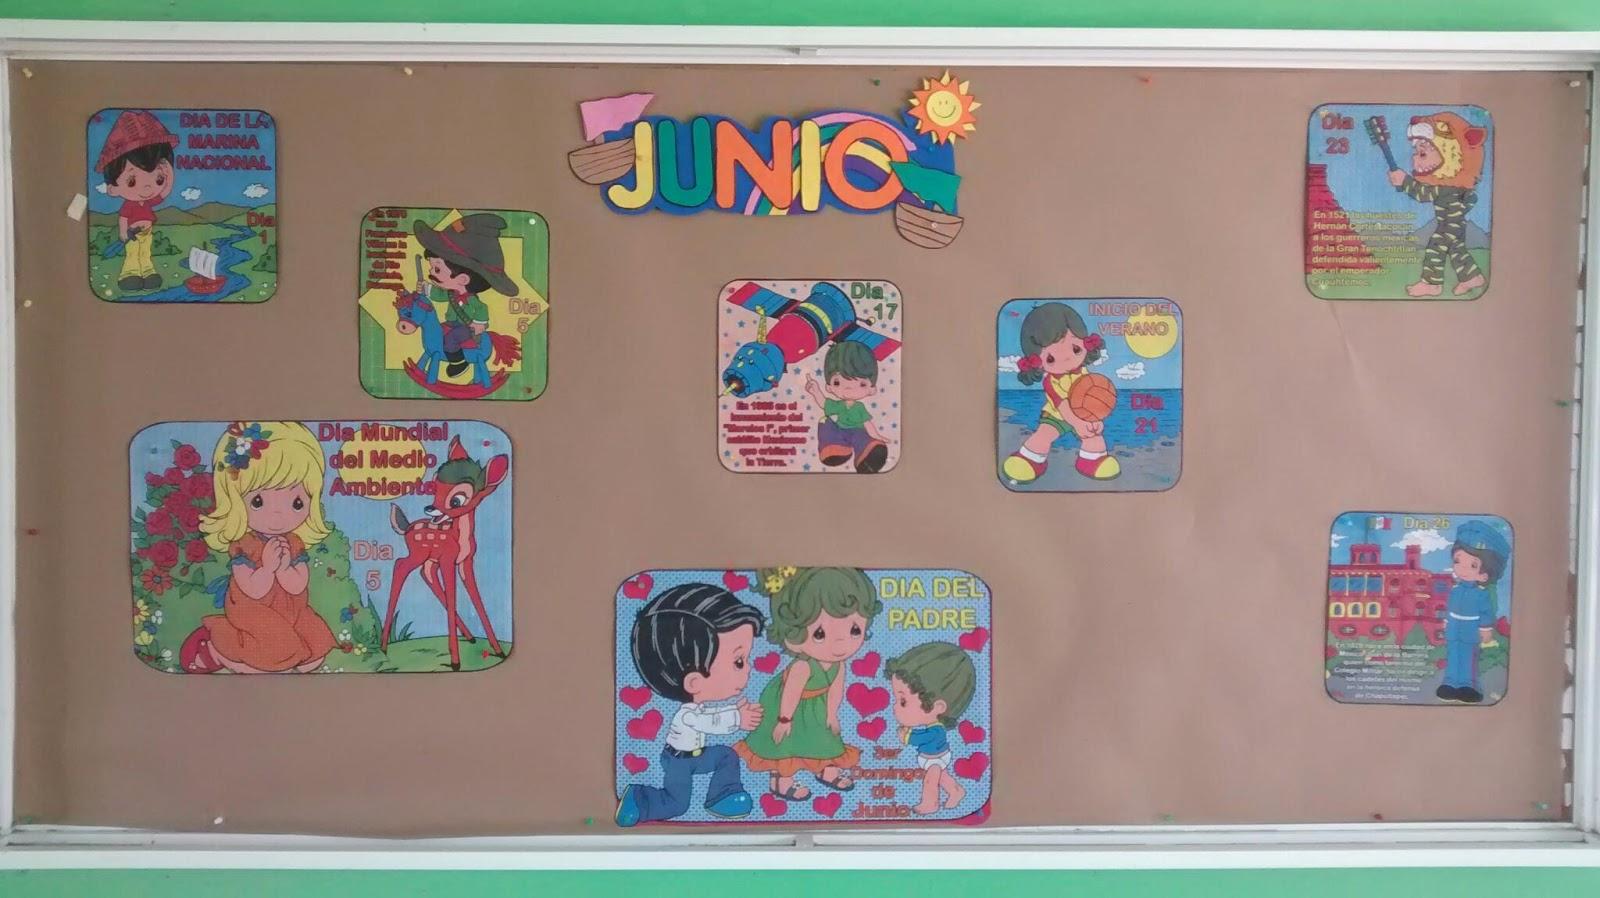 Escuela Primaria Nicolás Bravo Nuestro Periódico Mural De Junio 2015